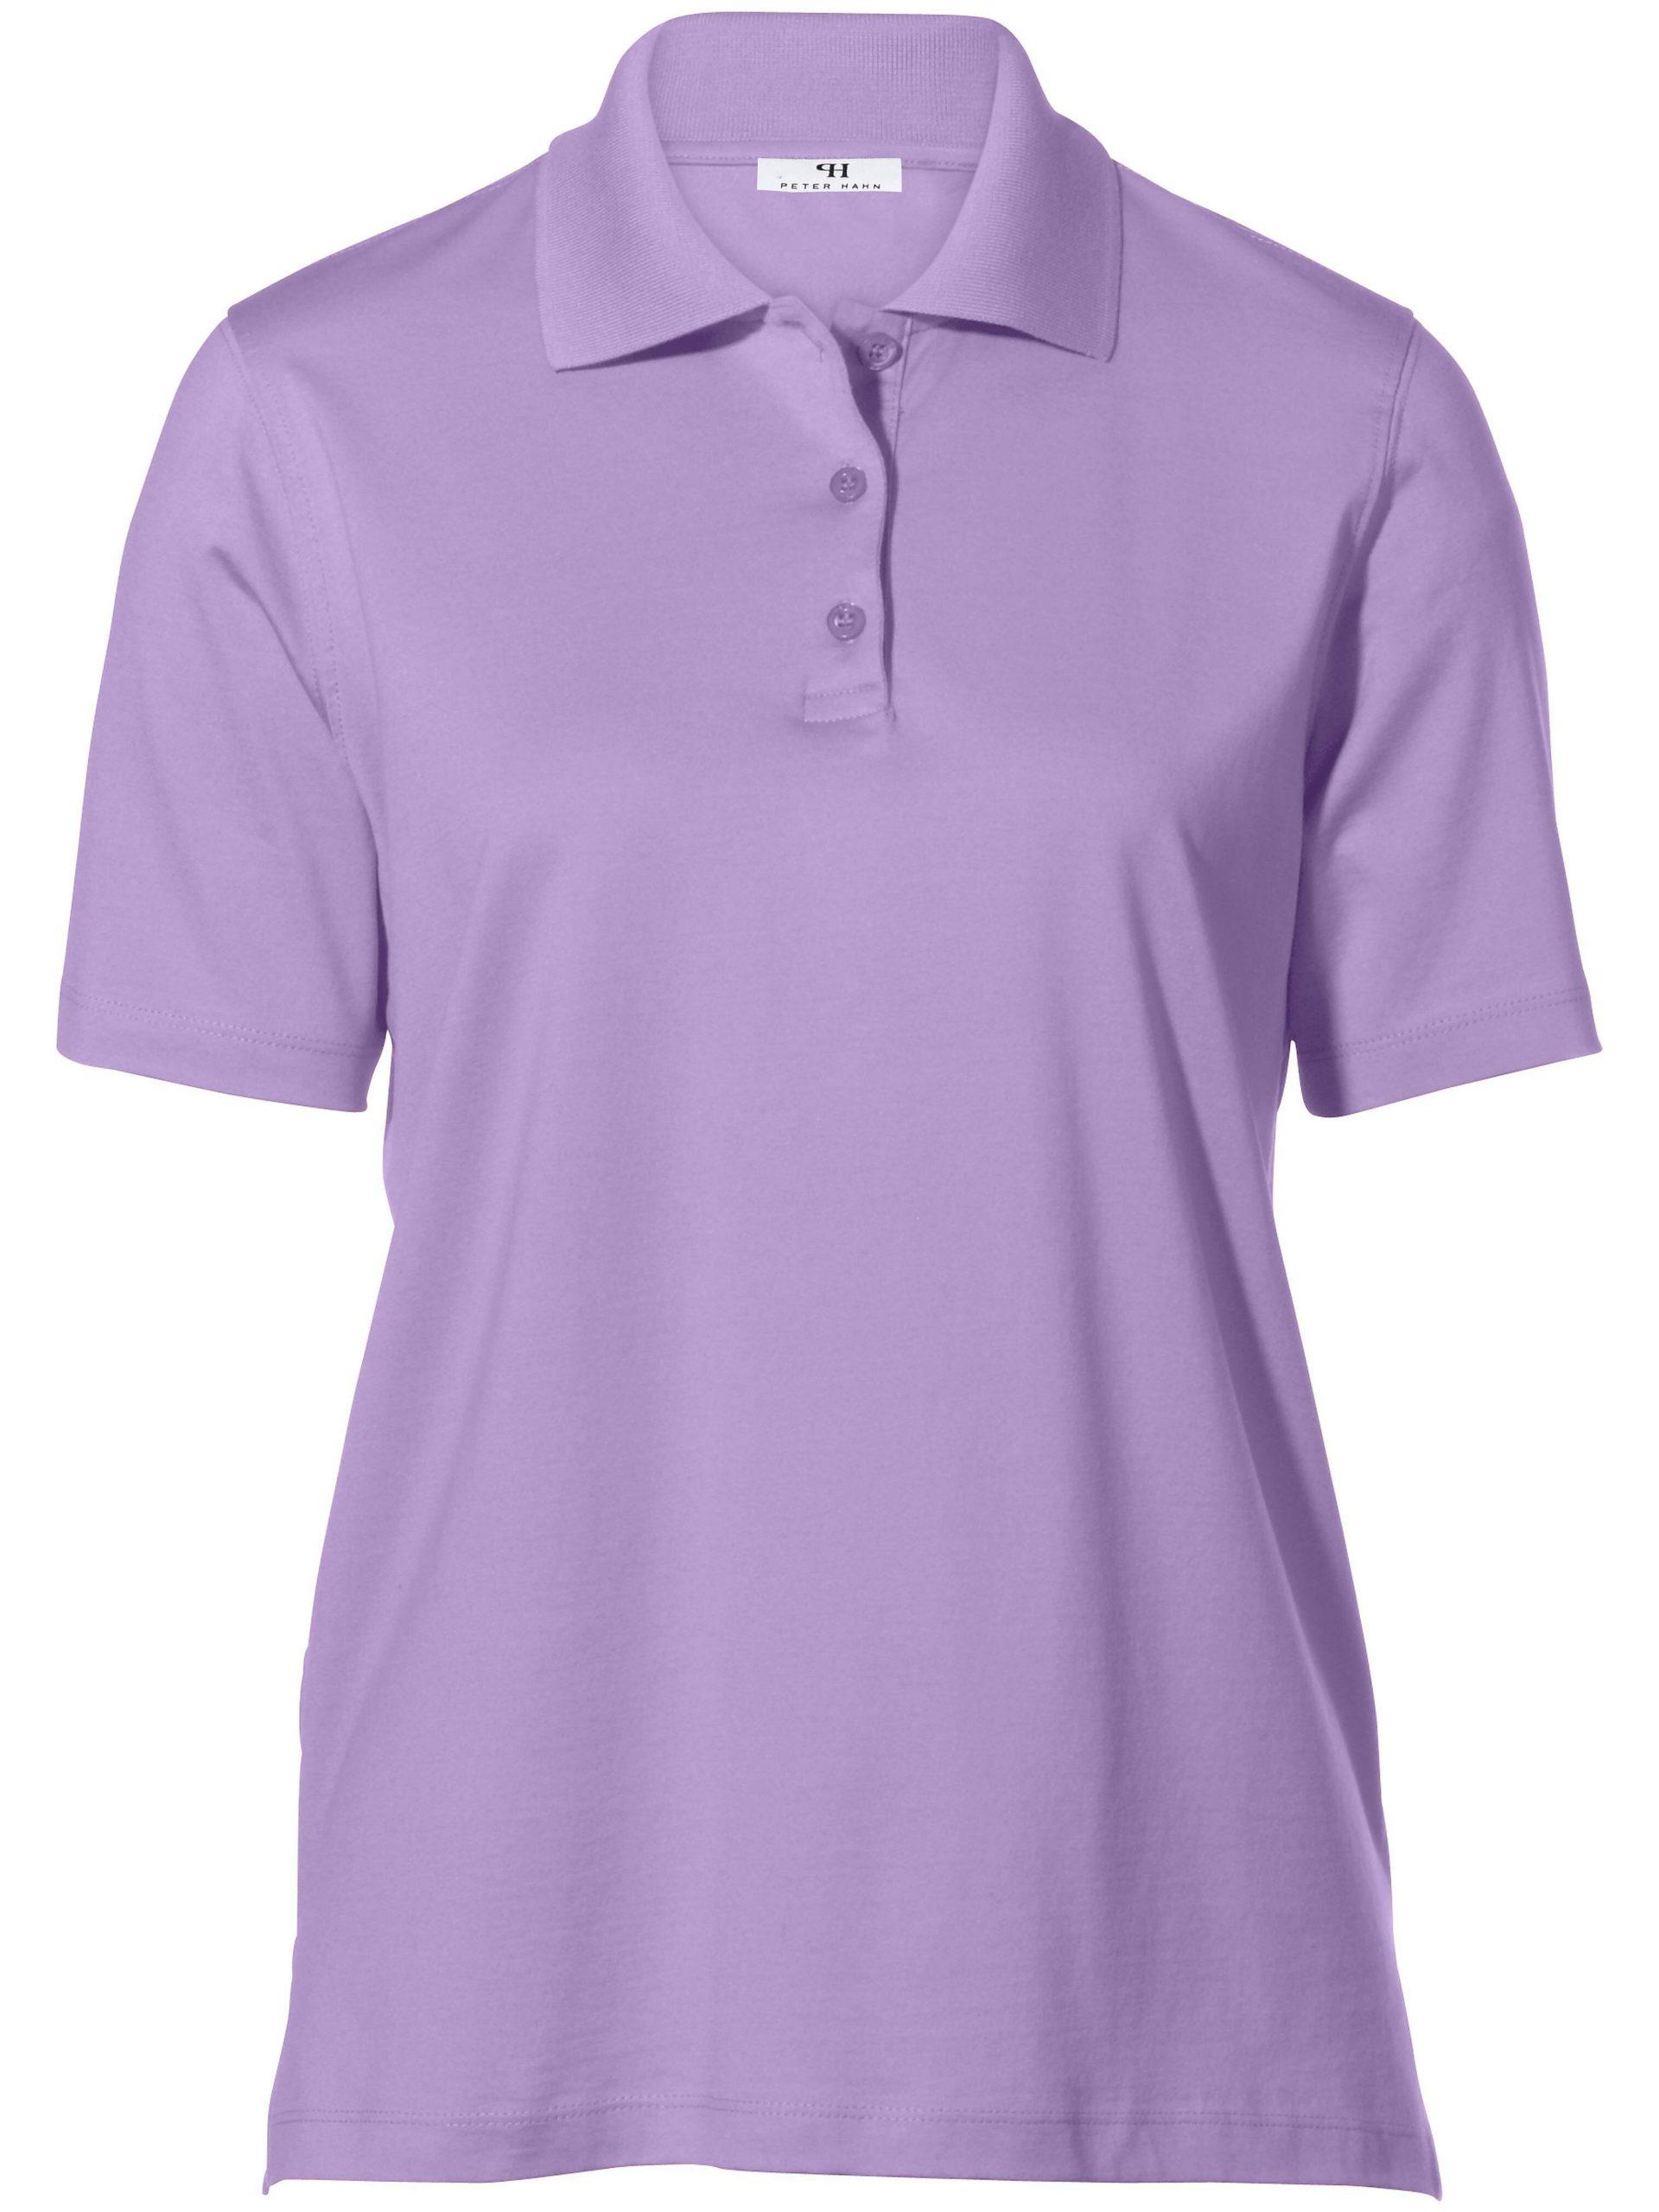 Poloshirt met korte mouwen Van Peter Hahn paars Kopen